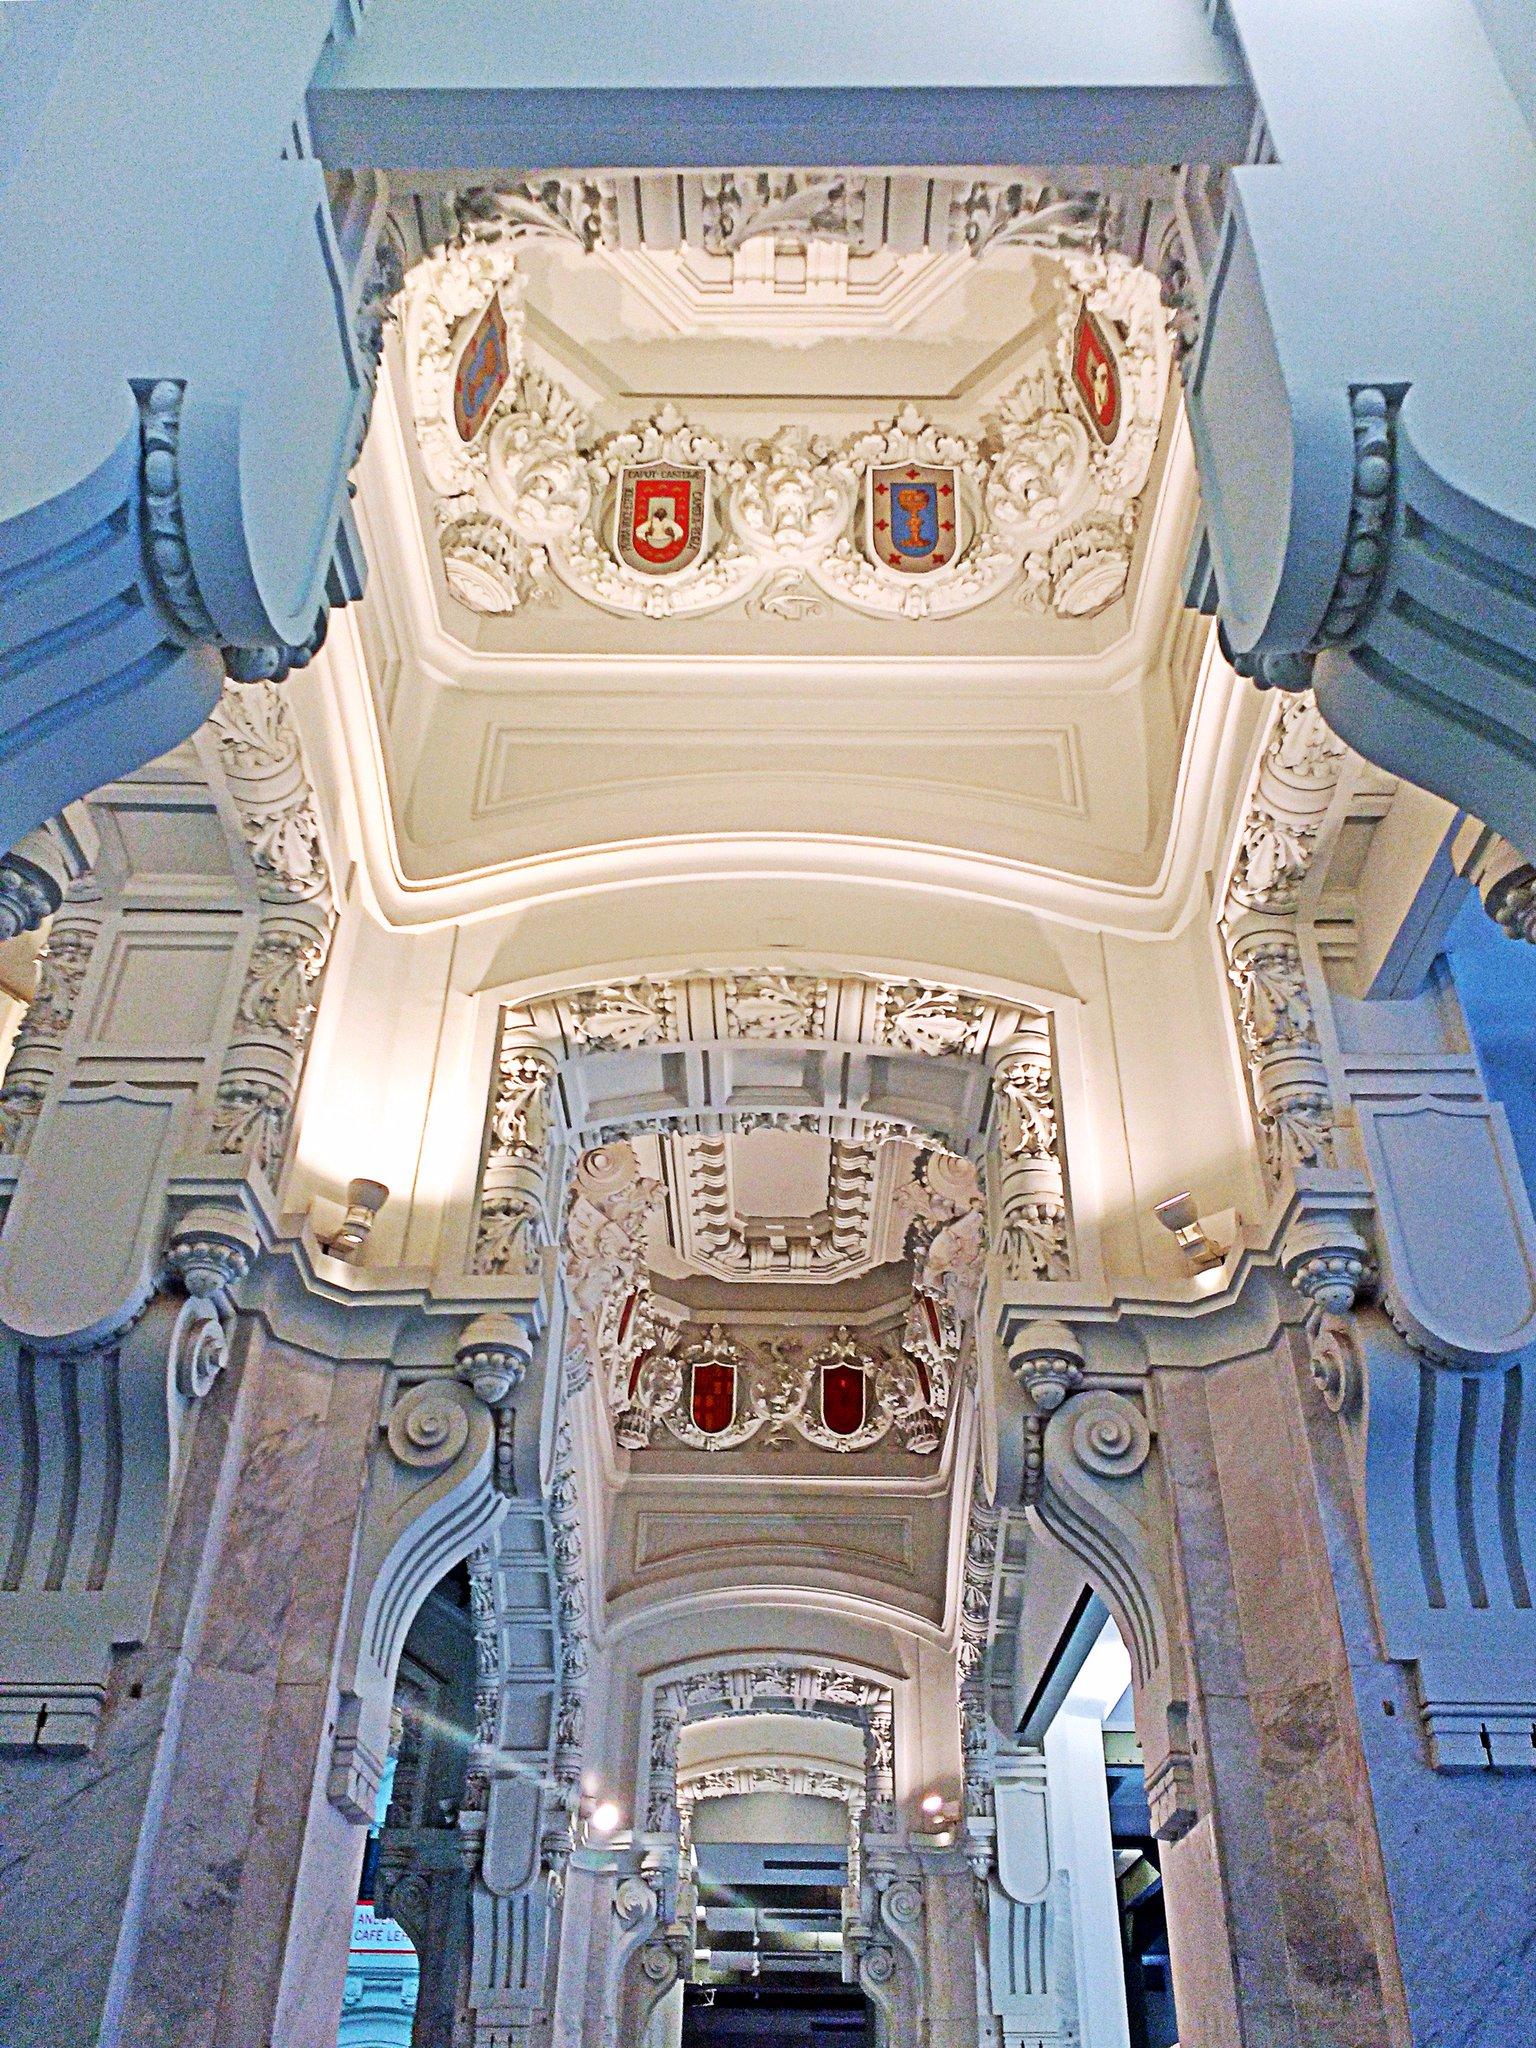 La maravillosa y espectacular simetría del Palacio de Comunicaciones, del genial Antonio Palacios, siempre me sorprende #Madrid https://t.co/ue3QOyTlPd